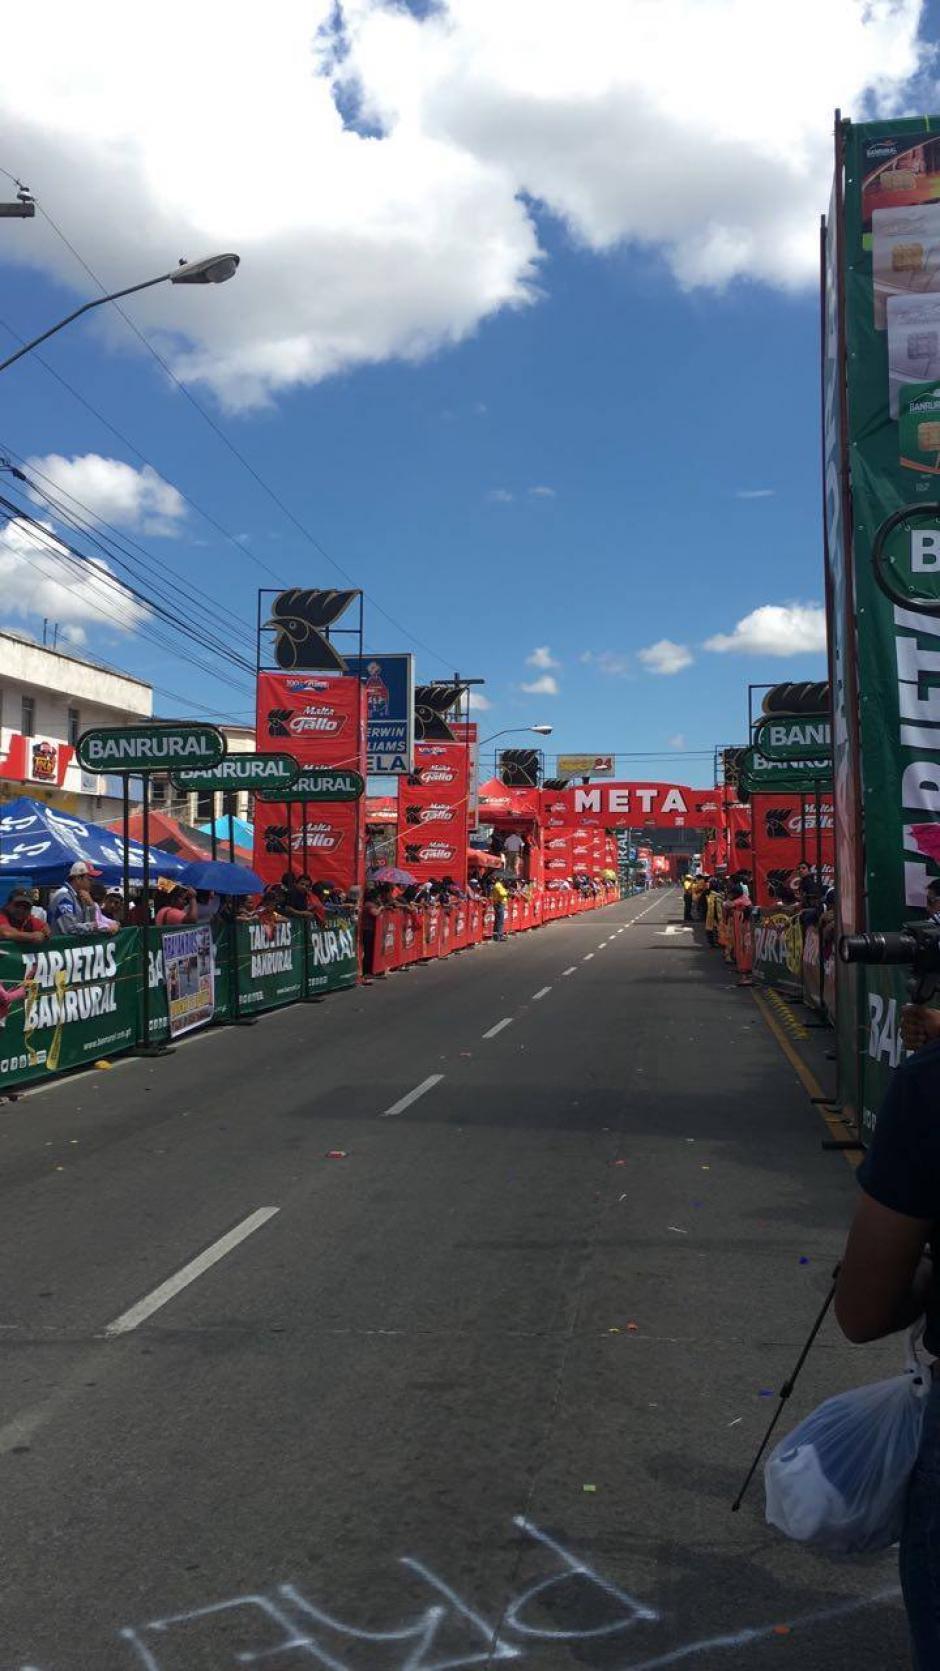 El domingo continuará la vuelta. (Foto: Byron De La Cruz/Nuestro Diario)